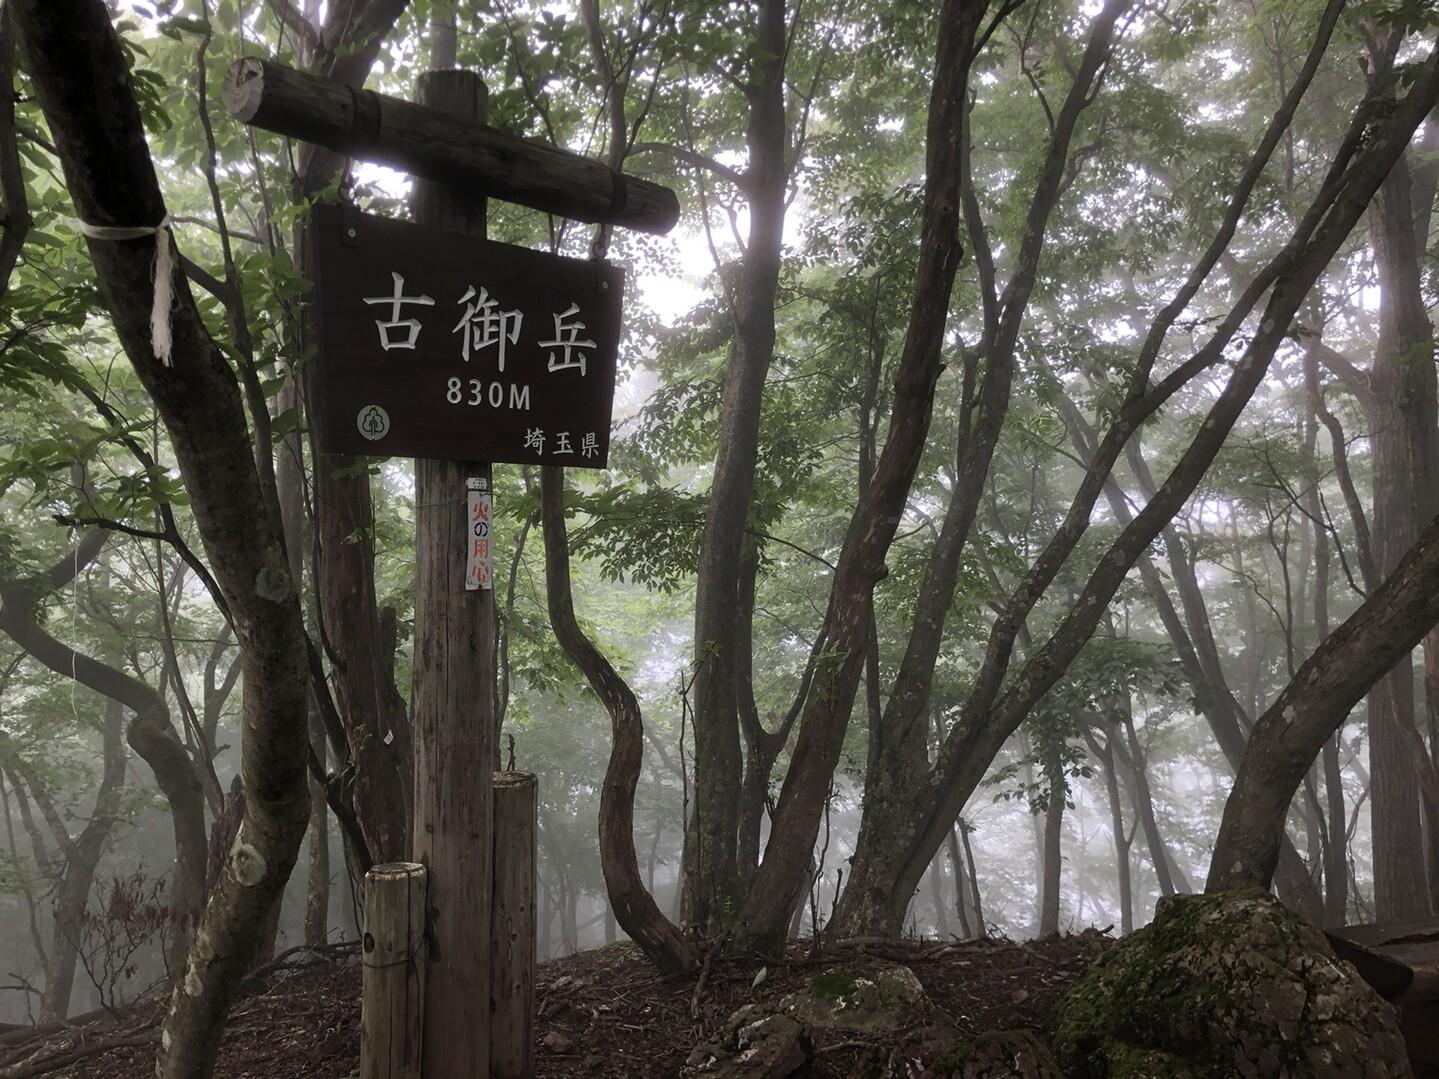 何組かで賑わっていた伊豆ヶ岳をそそくさと立ち去り、古御岳に到着。